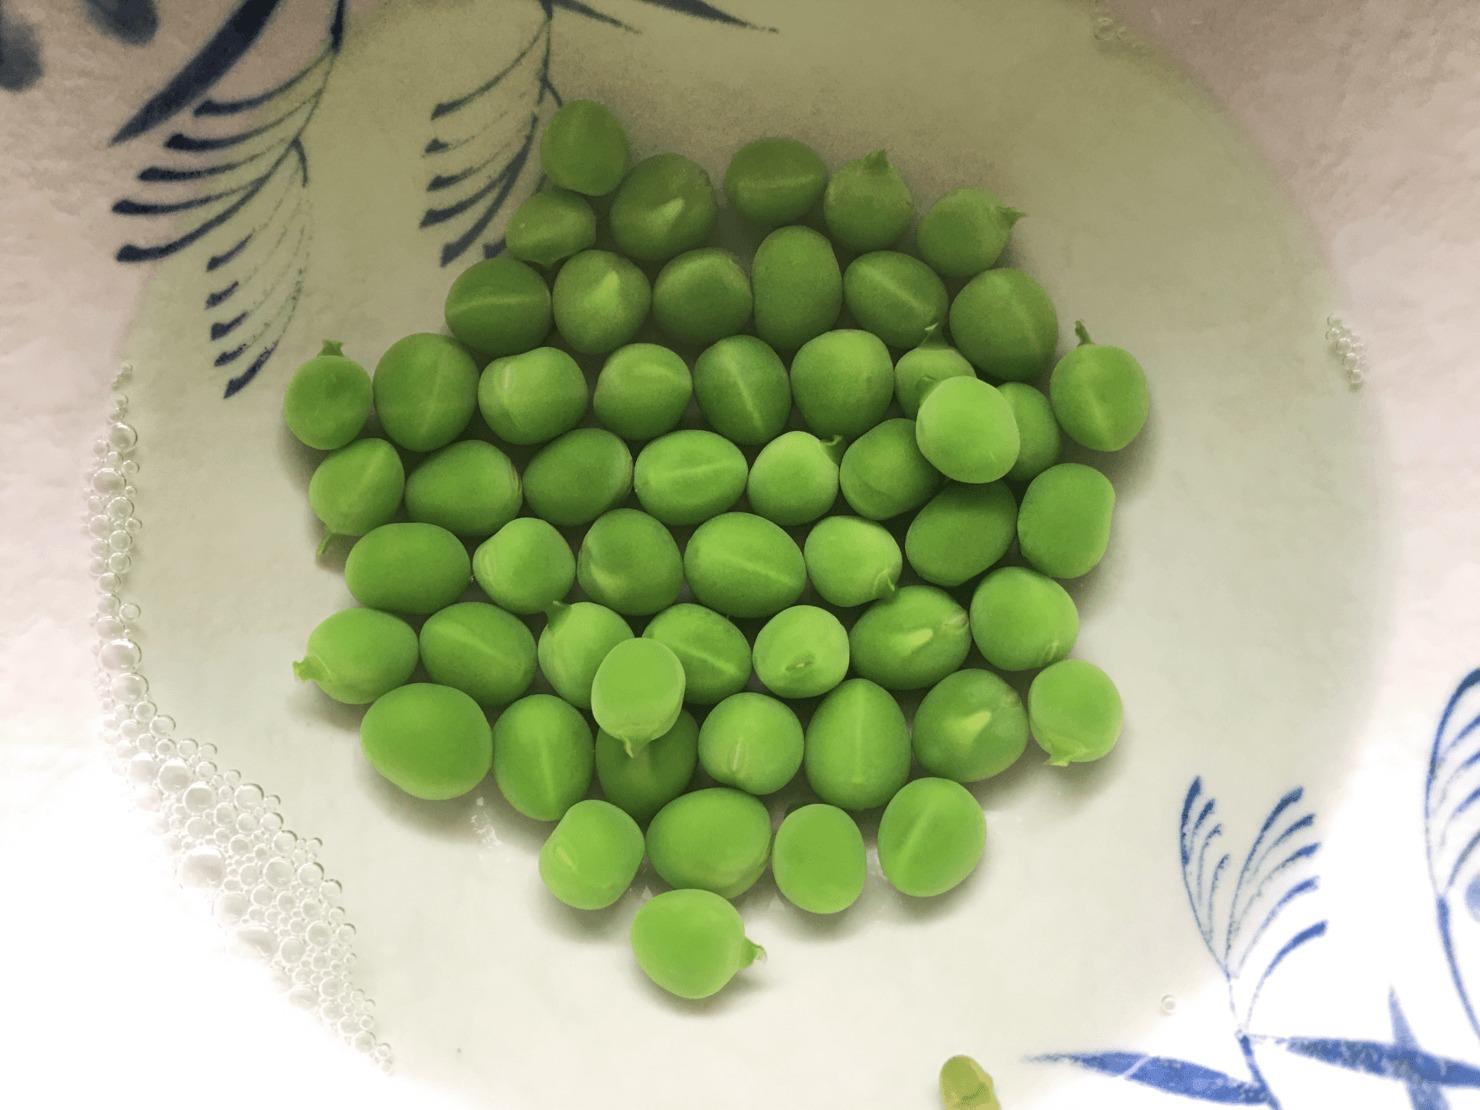 ゆでたグリーンピースの写真